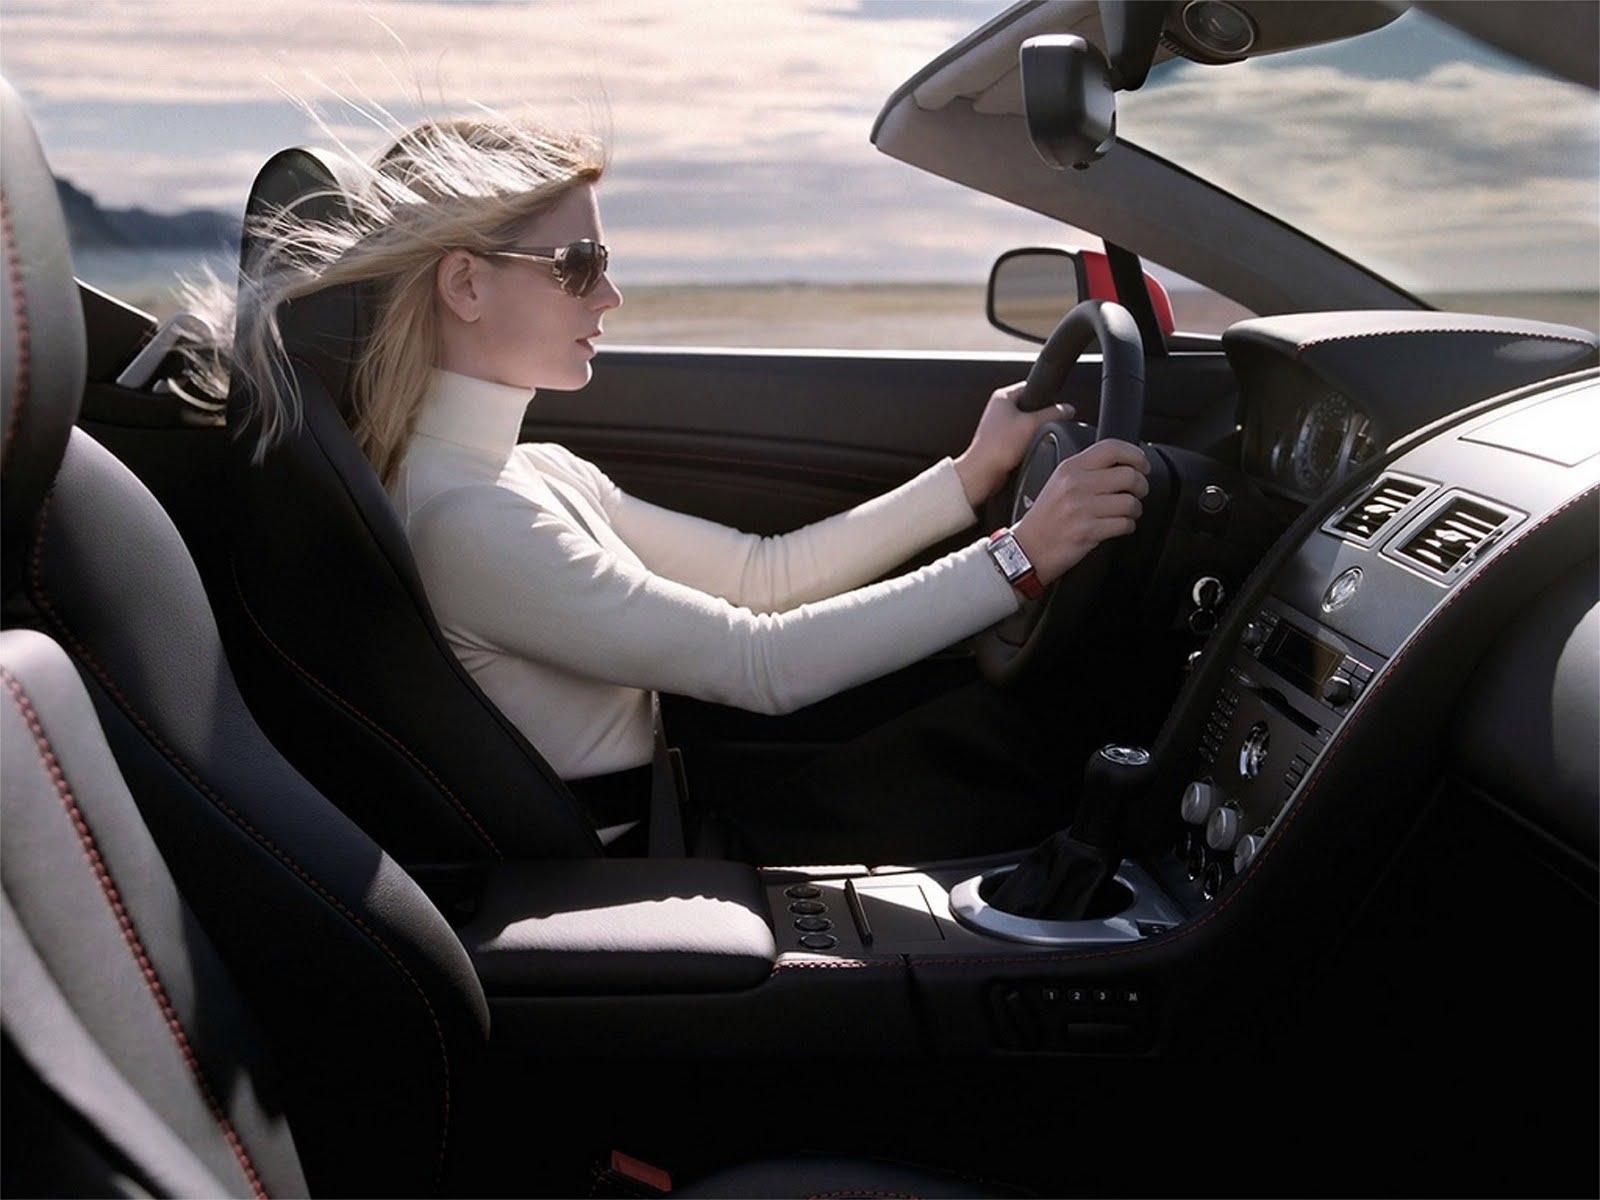 Мужской взгляд: женщина-водитель и леди за рулем